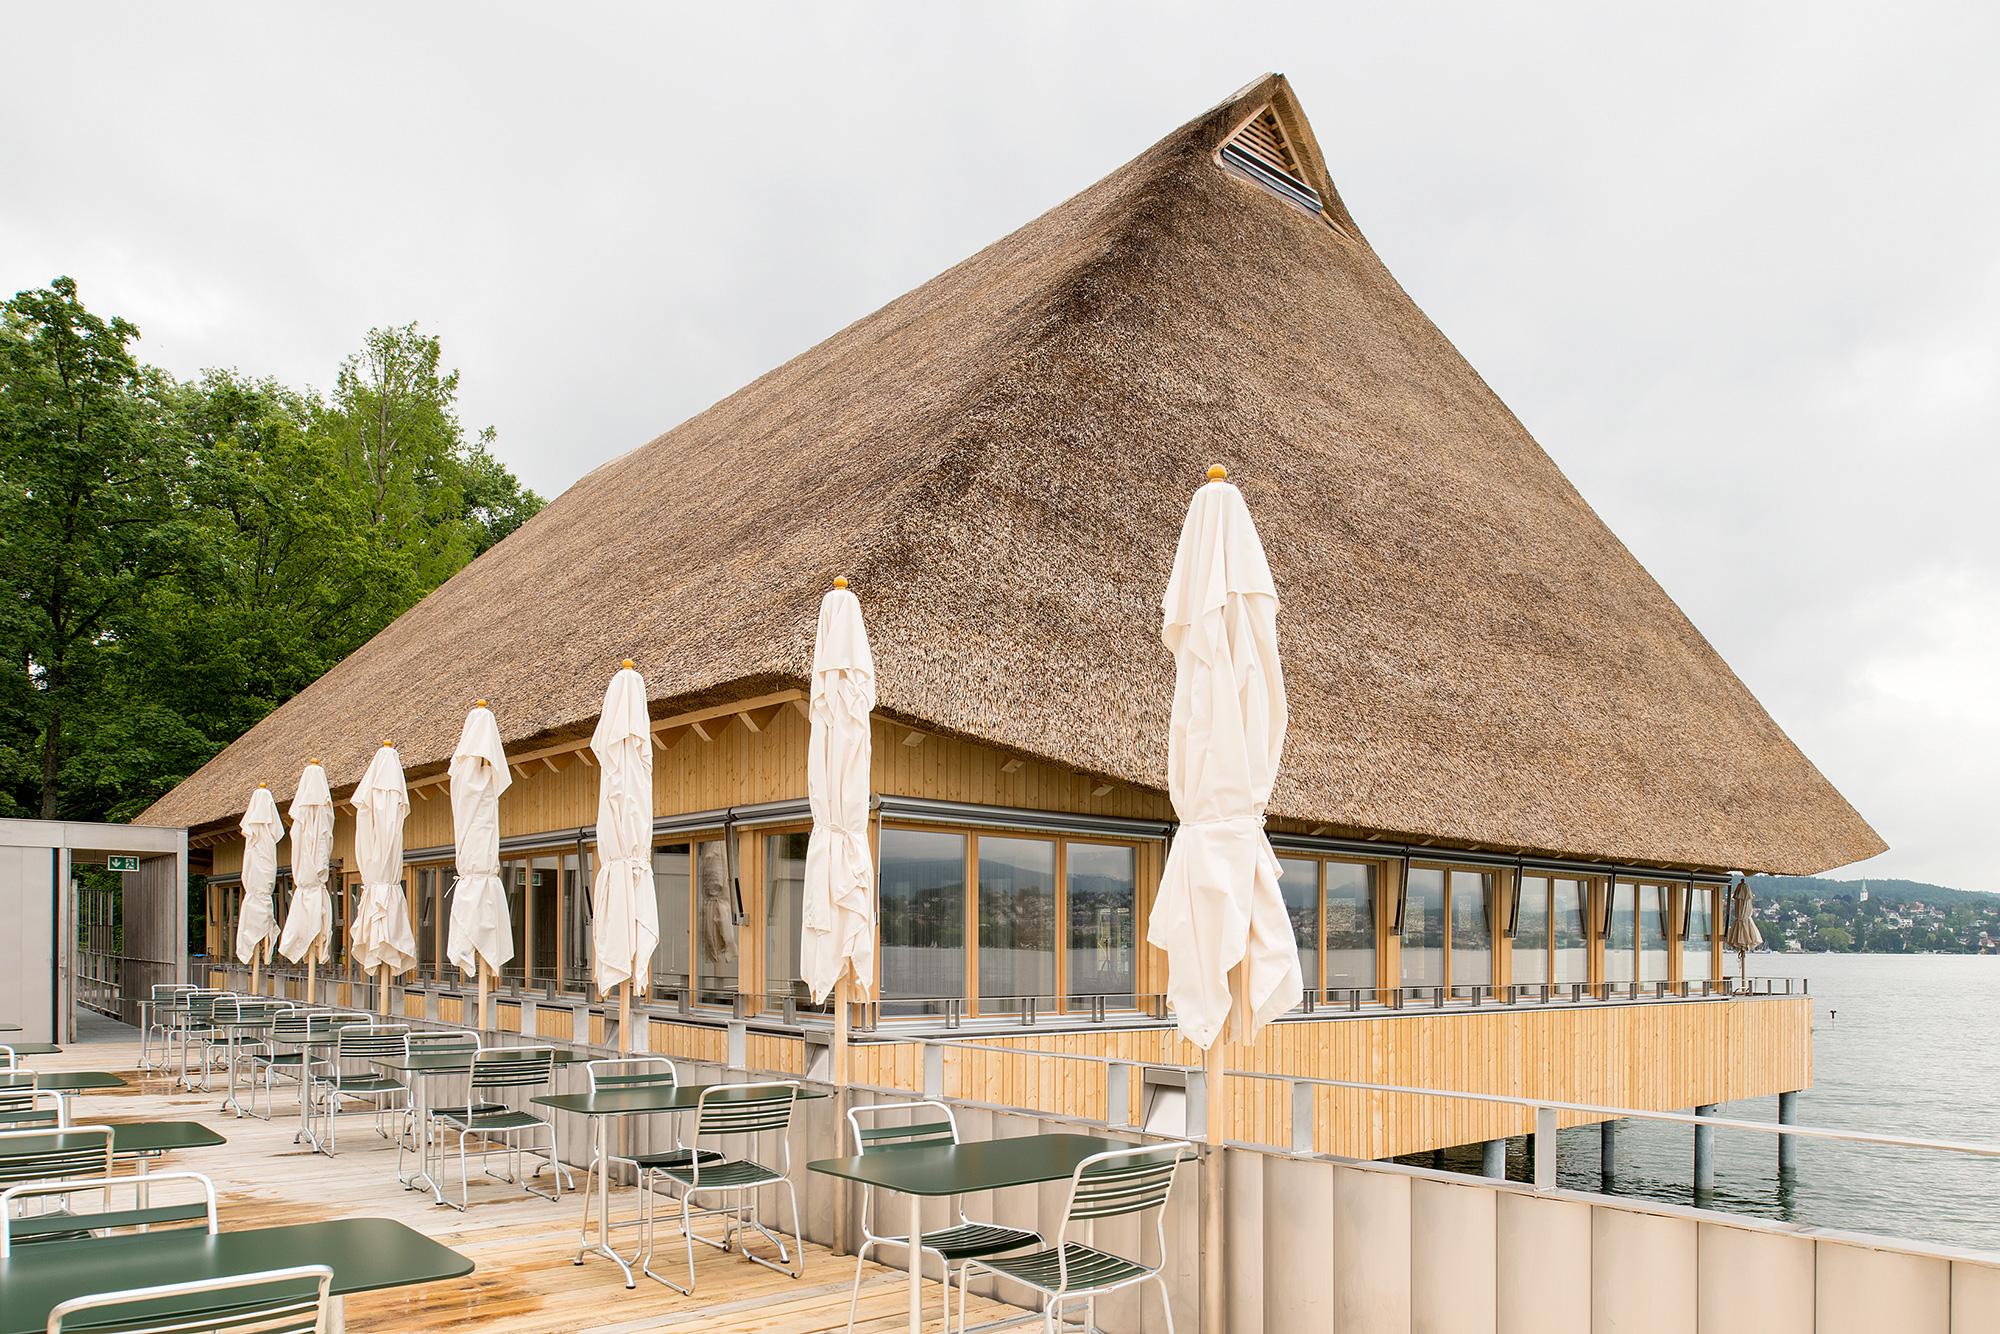 Restaurant Fischerstube mit Seeterrasse. (Bild: Juliet Haller, Z